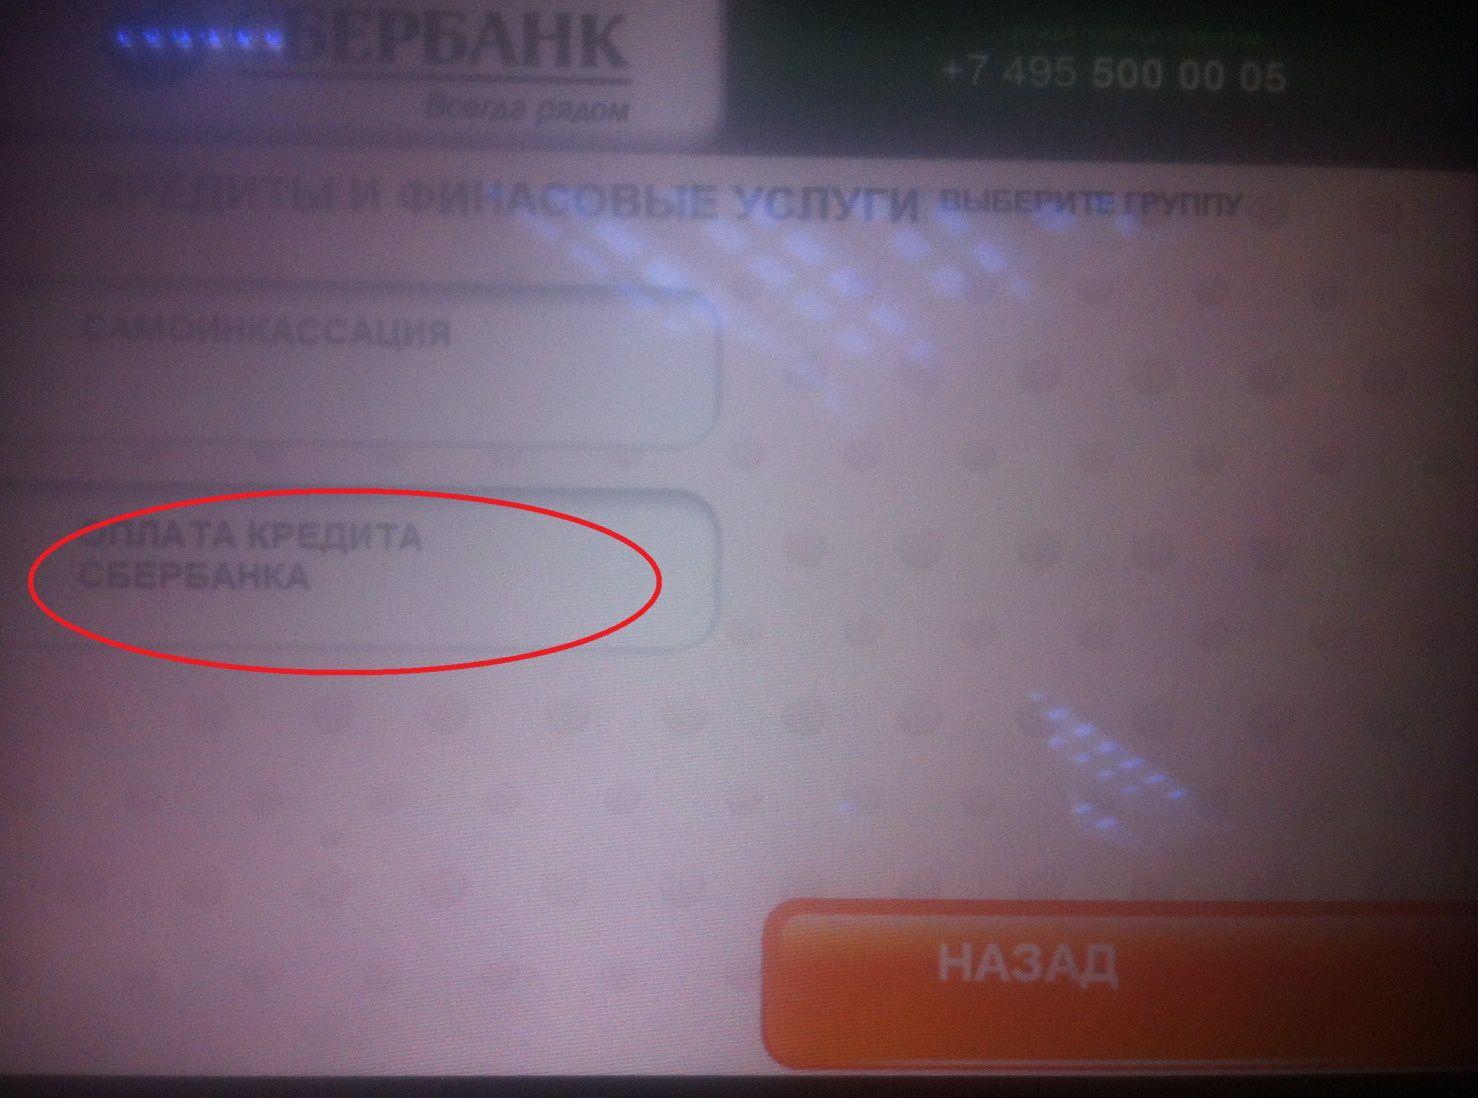 Оплата кредита Сбербанка